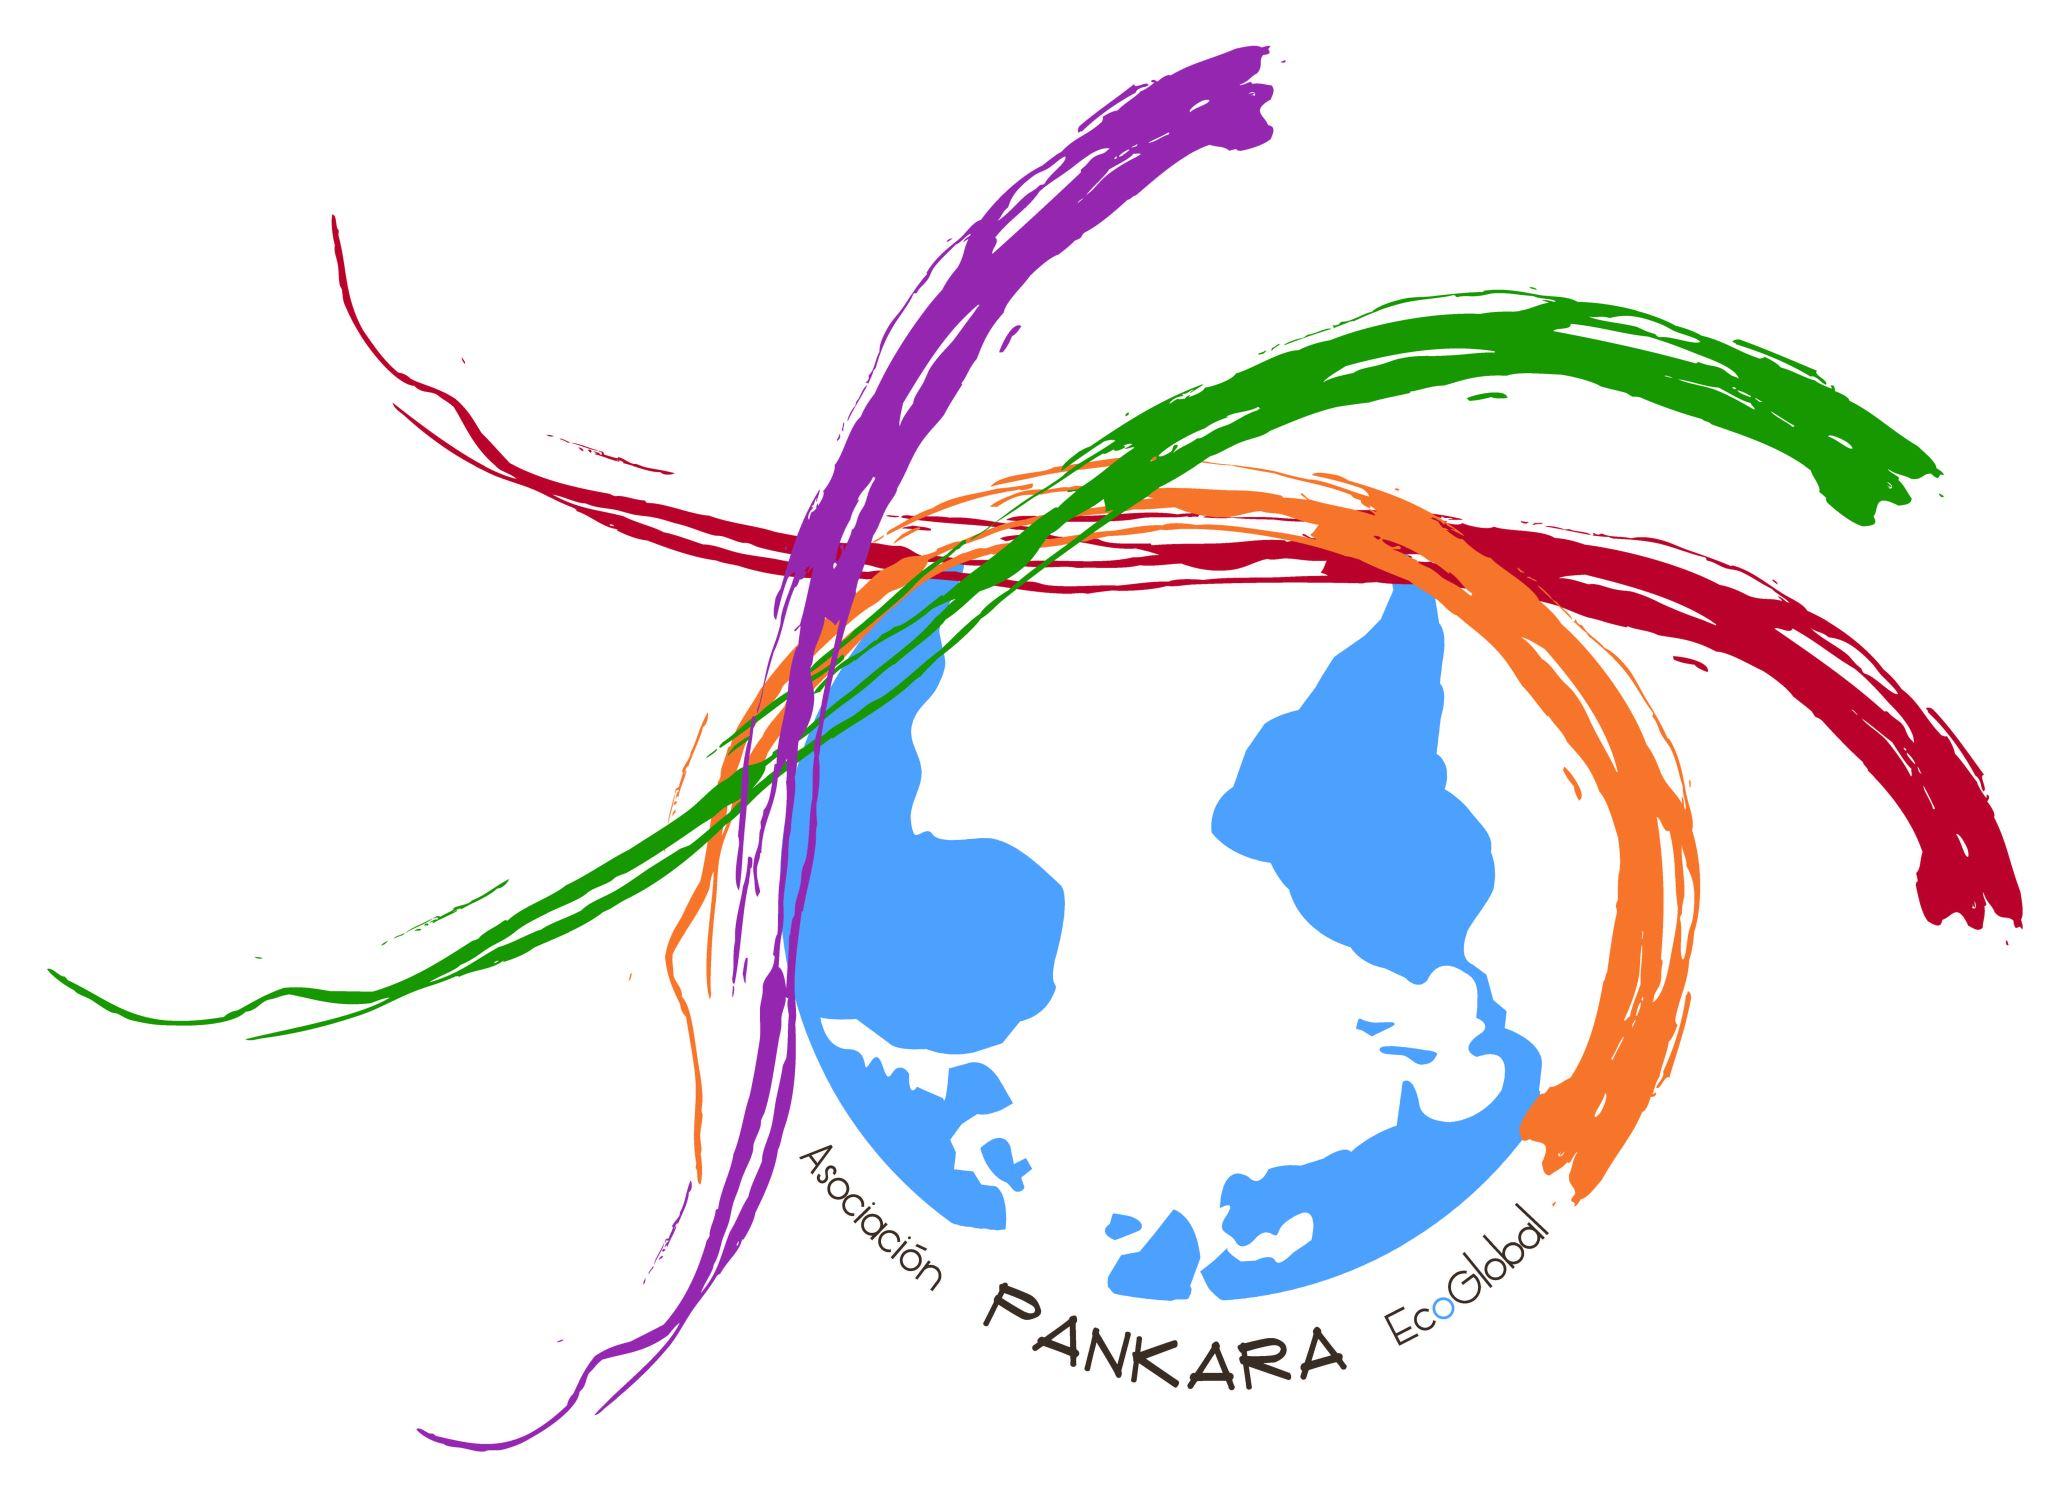 Asociación PANKARA EcoGlobal